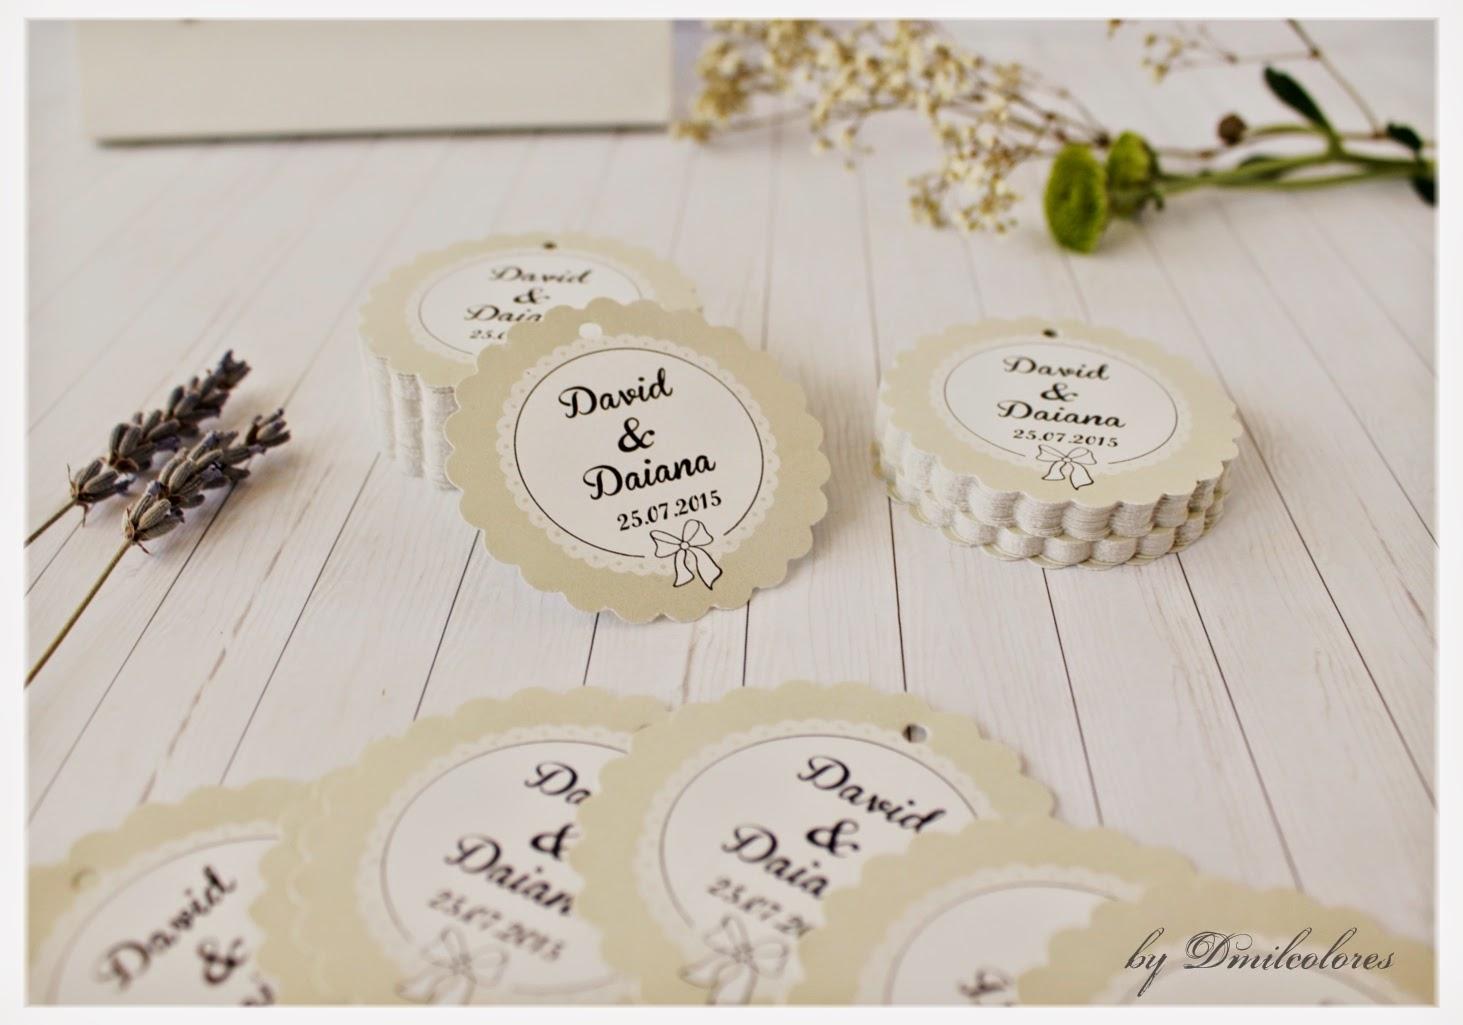 Dise o de etiquetas de boda dmilcolores detalles for Diseno de etiquetas